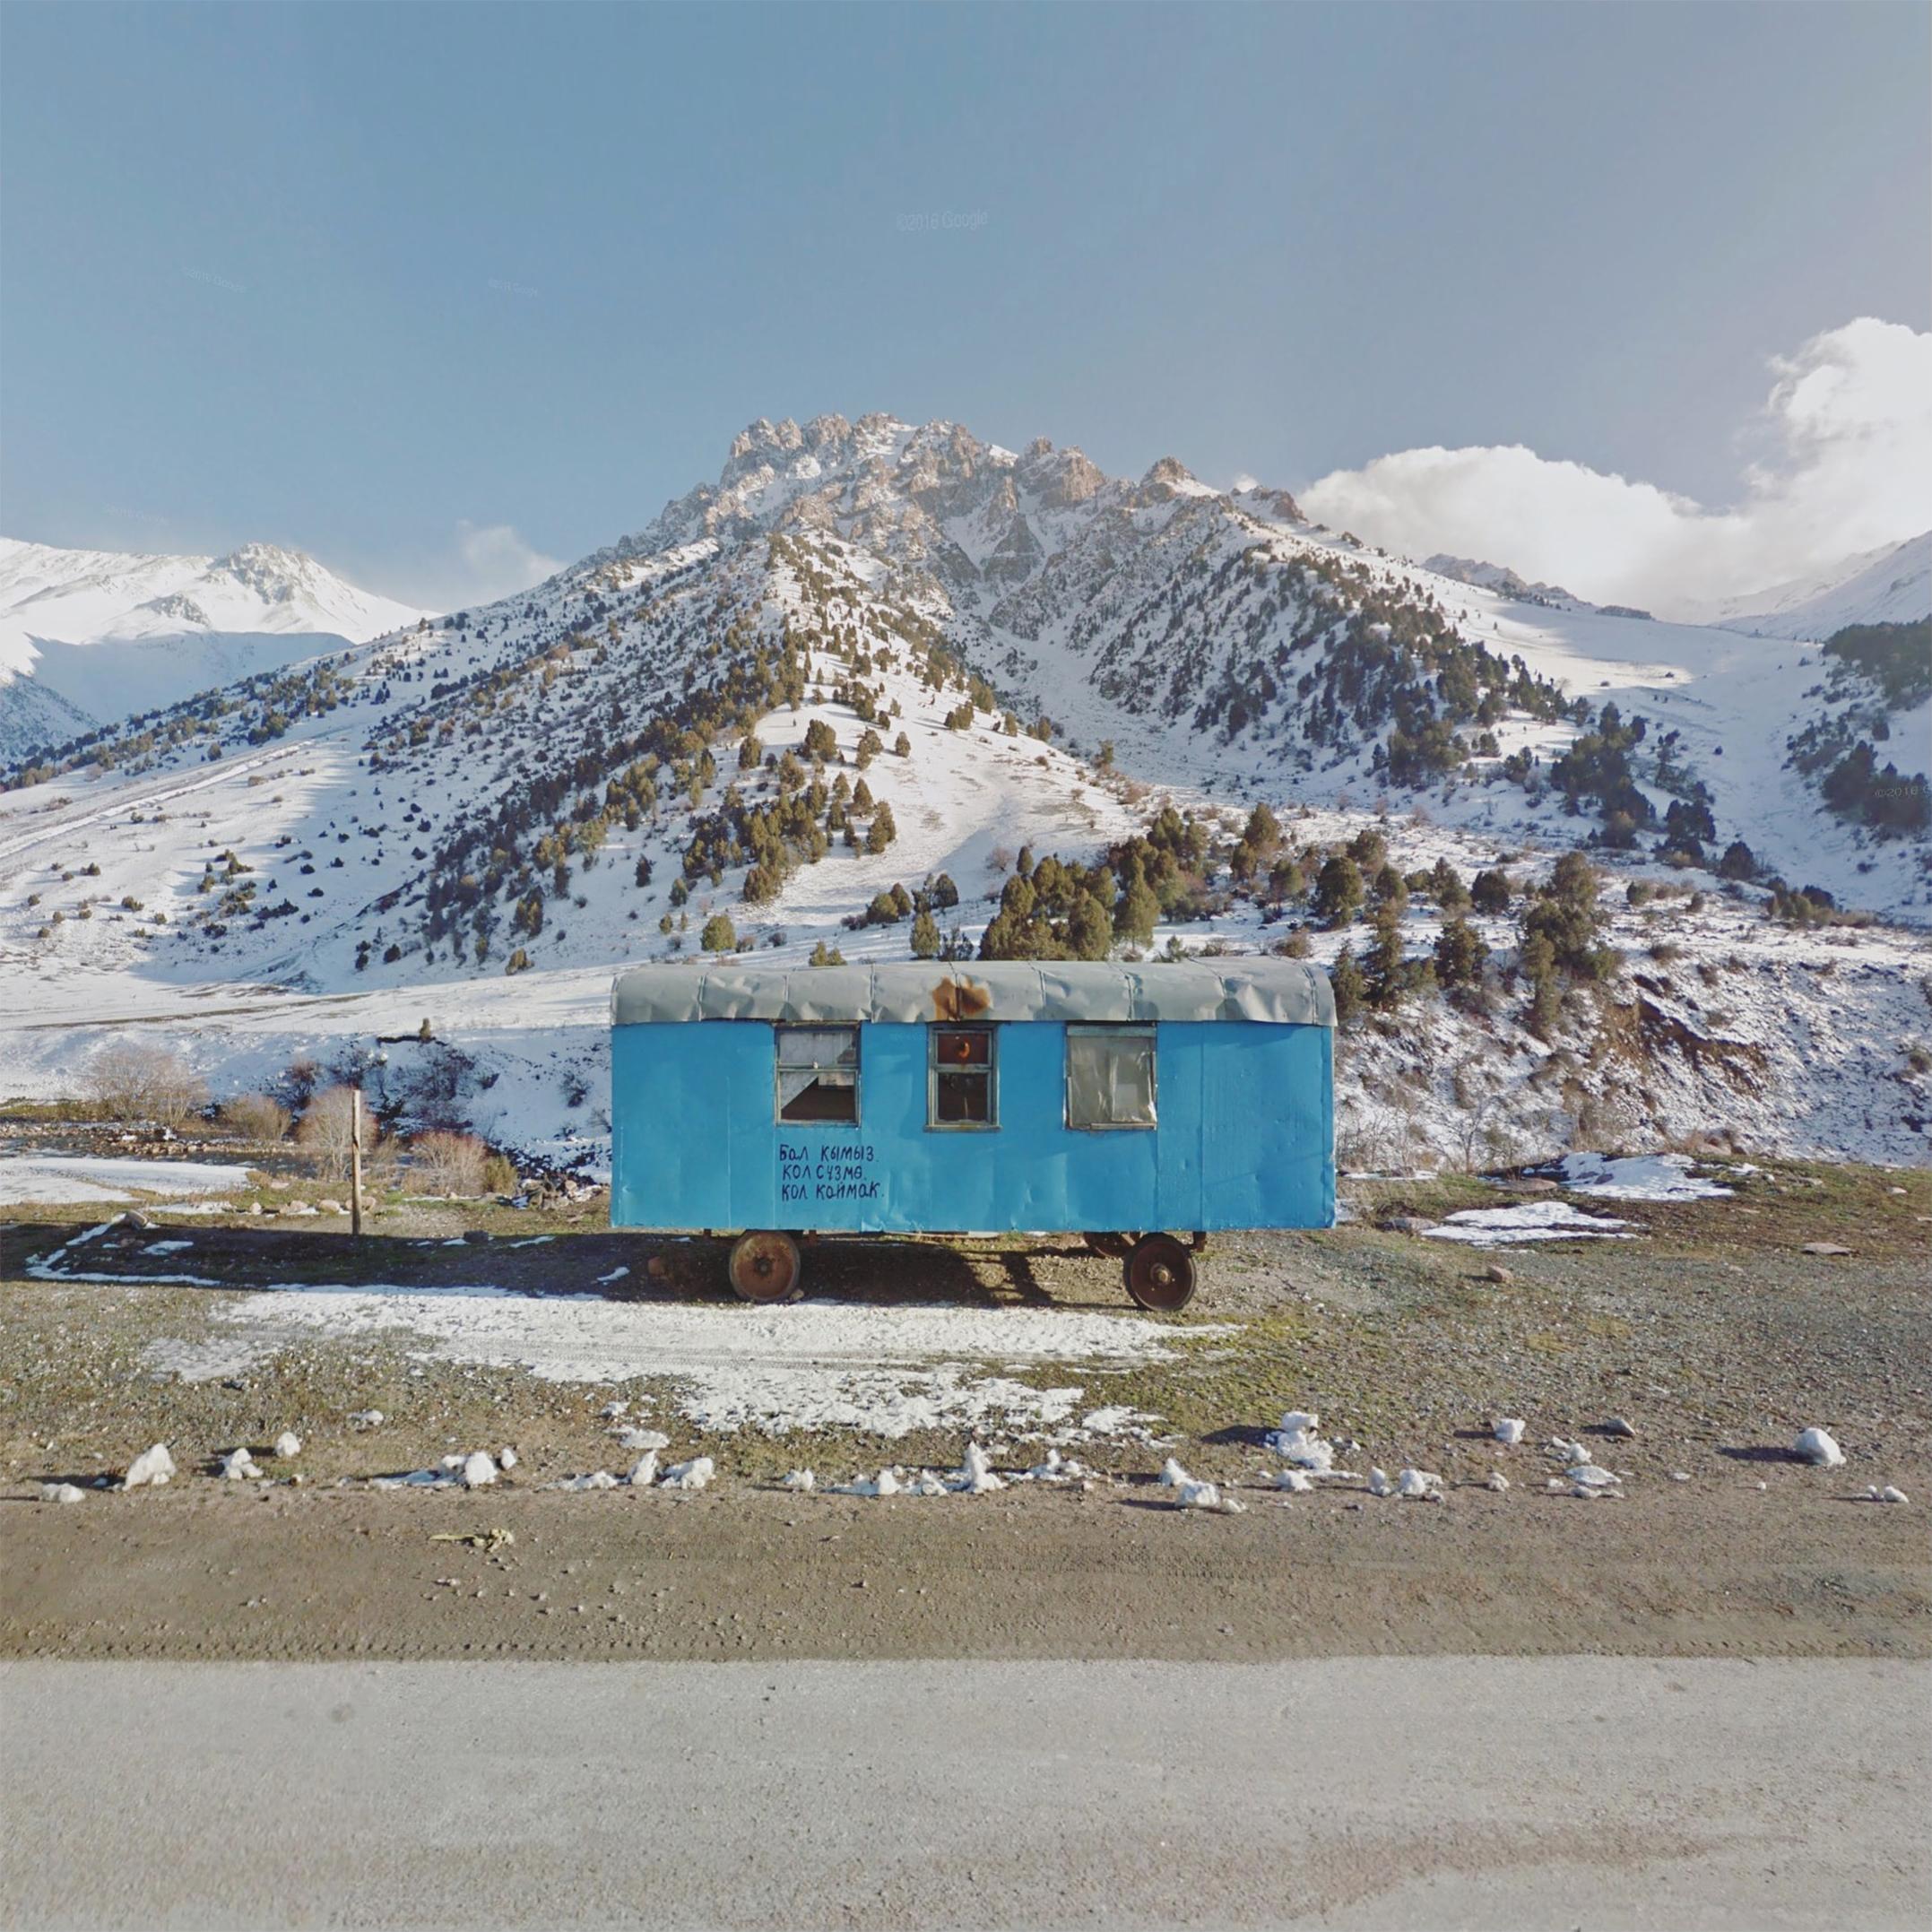 3_Mobile_home_Kyrgyzstan.jpg